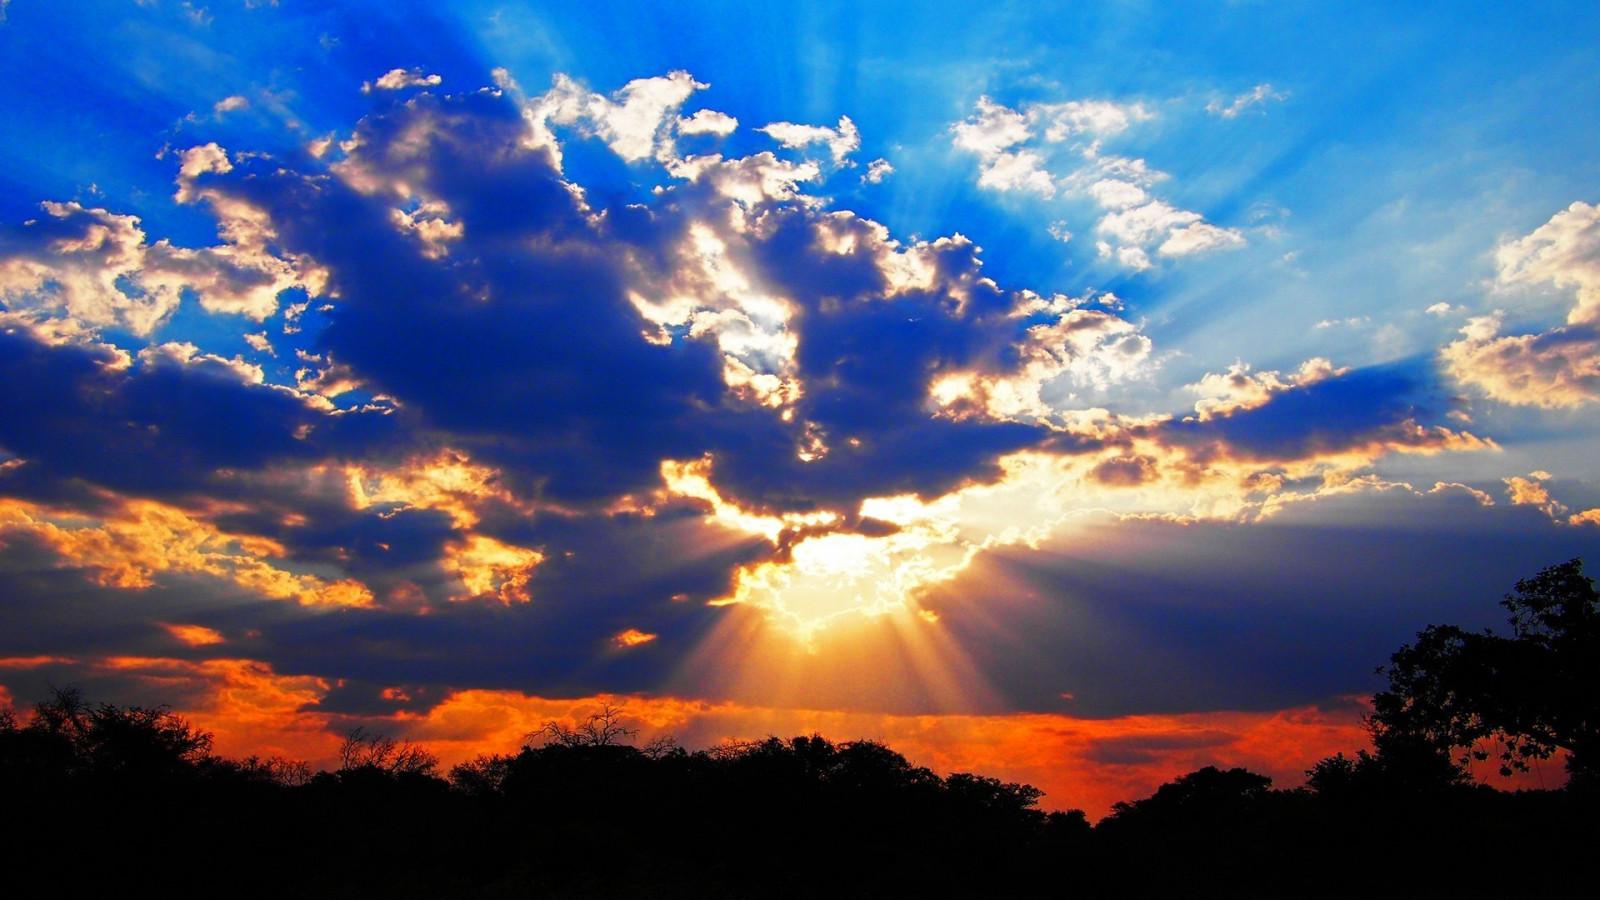 Картинка с красотой неба, поздравить